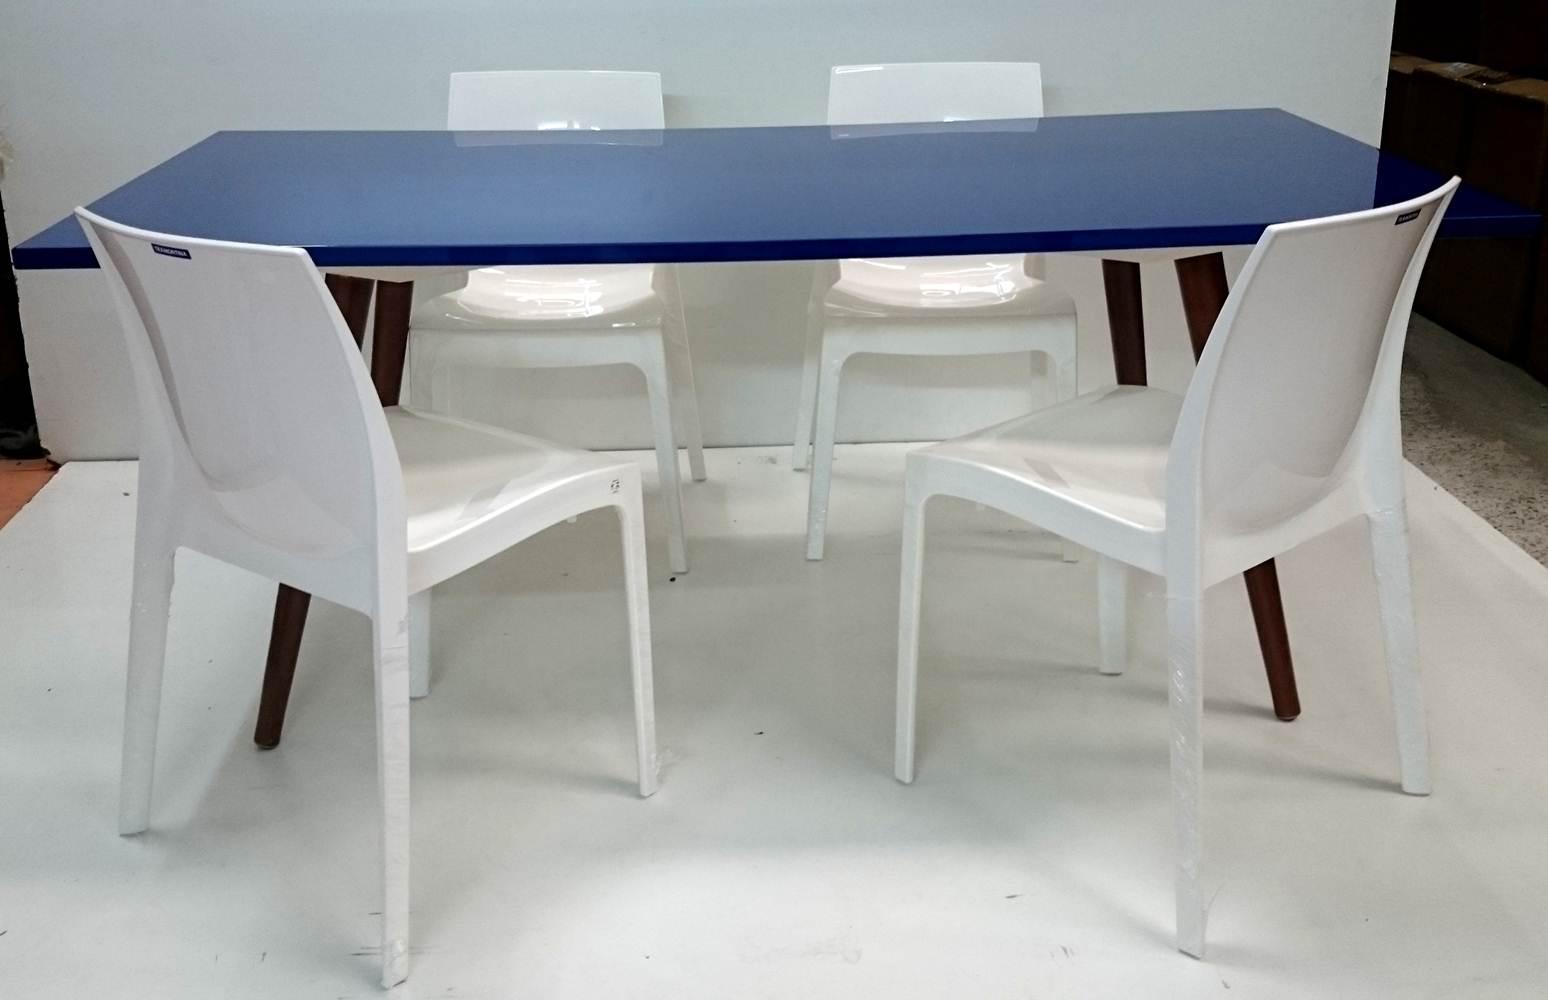 Mesa de Jantar Laccato Retangular Cor Azul Bic 180cm - 29527 Sun House